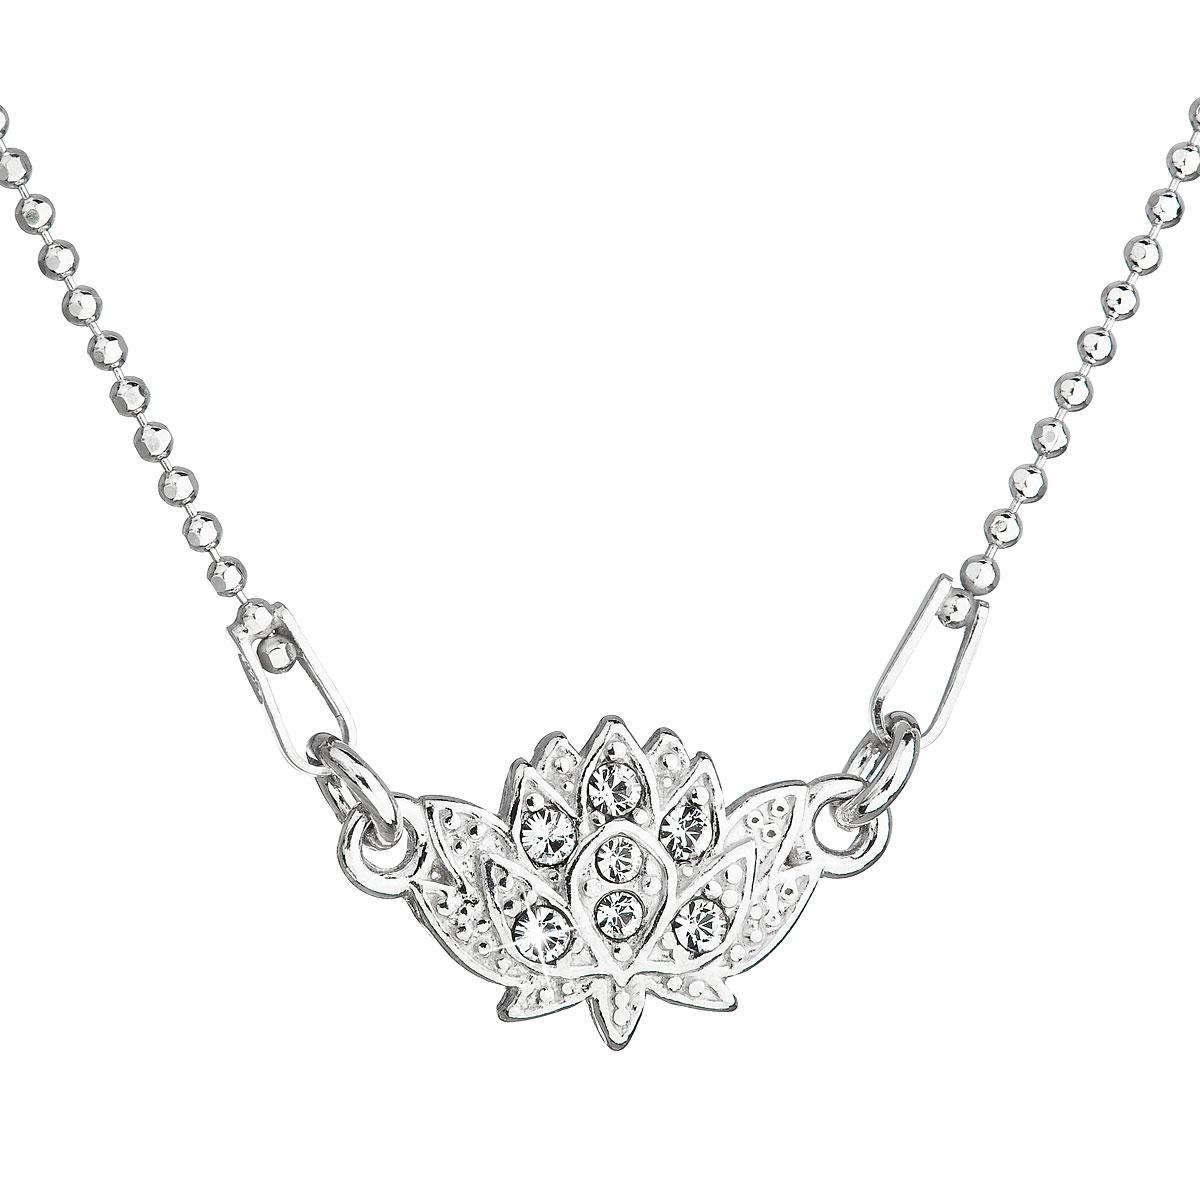 Strieborný náhrdelník s krištáľmi Swarovski biela kytička 32056.1